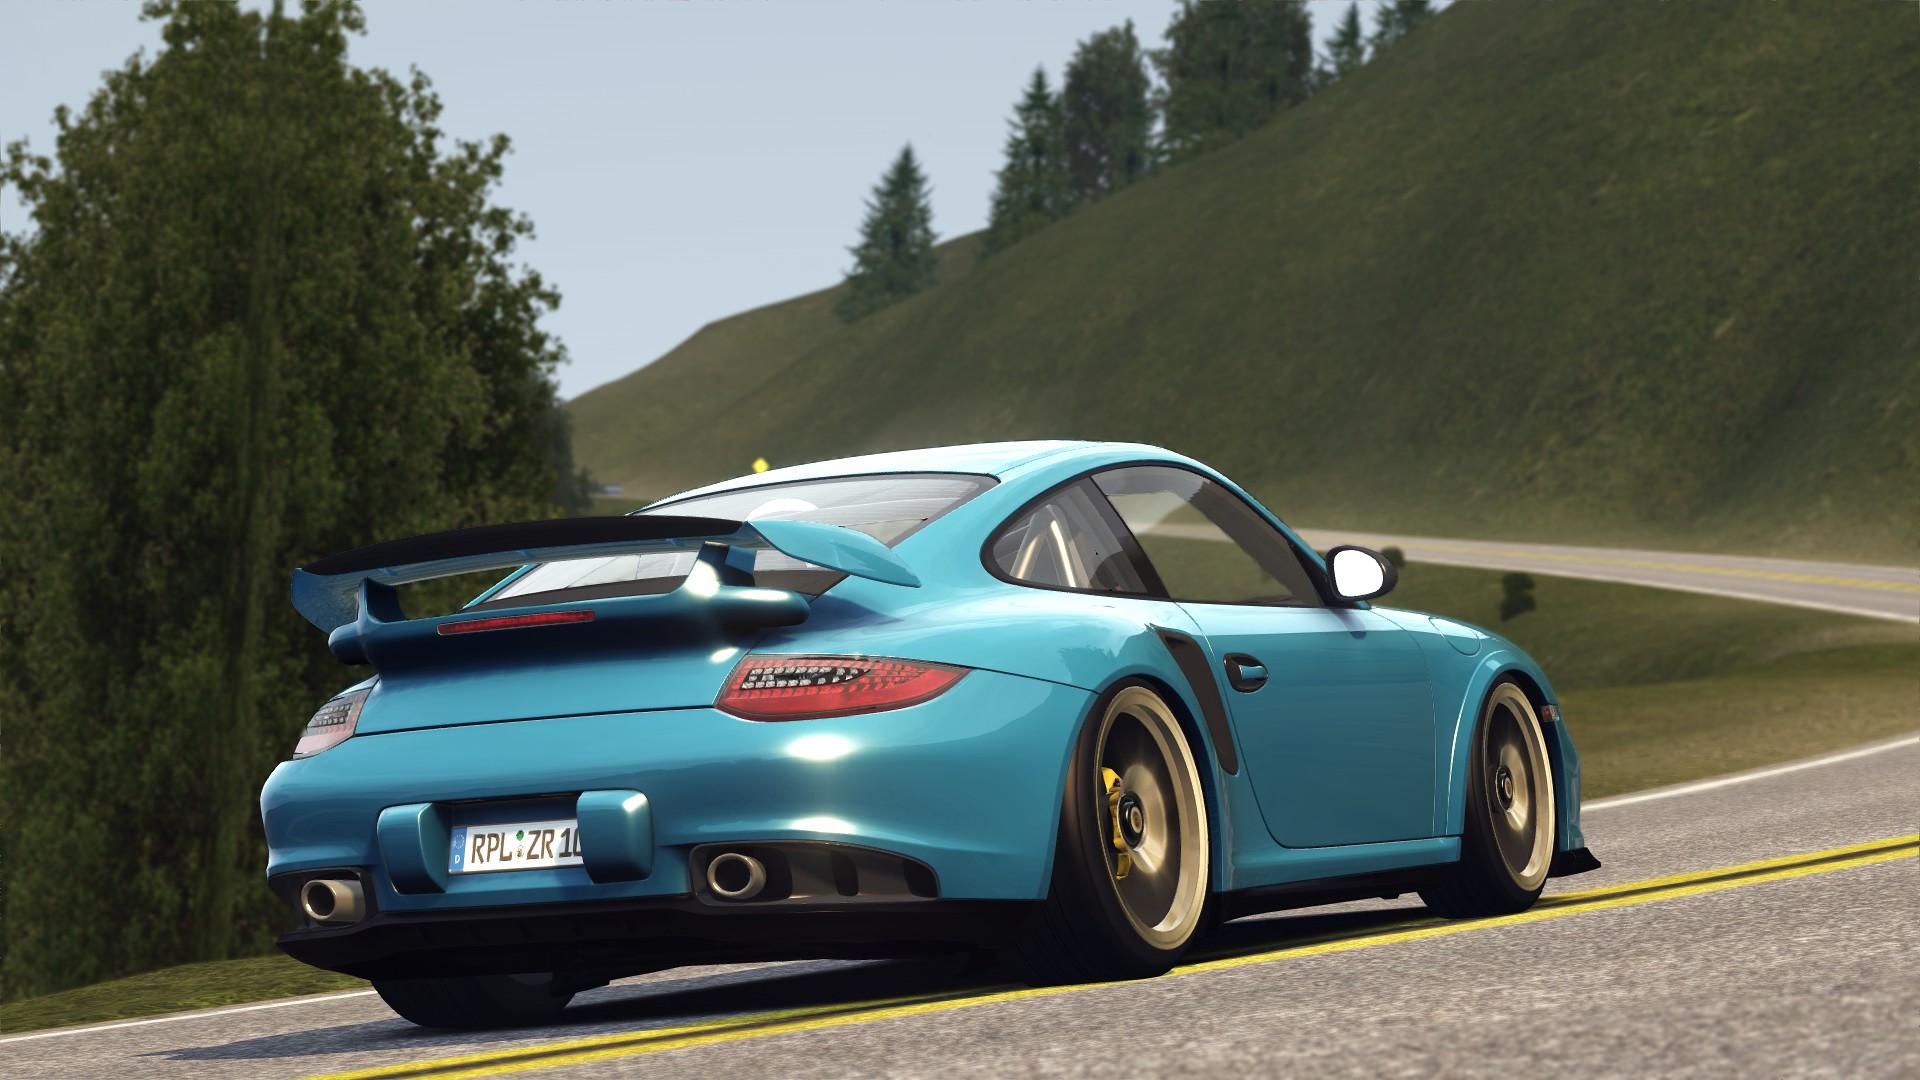 Porsche 997 GT2RS Assetto Corsa 1.14 020.jpg